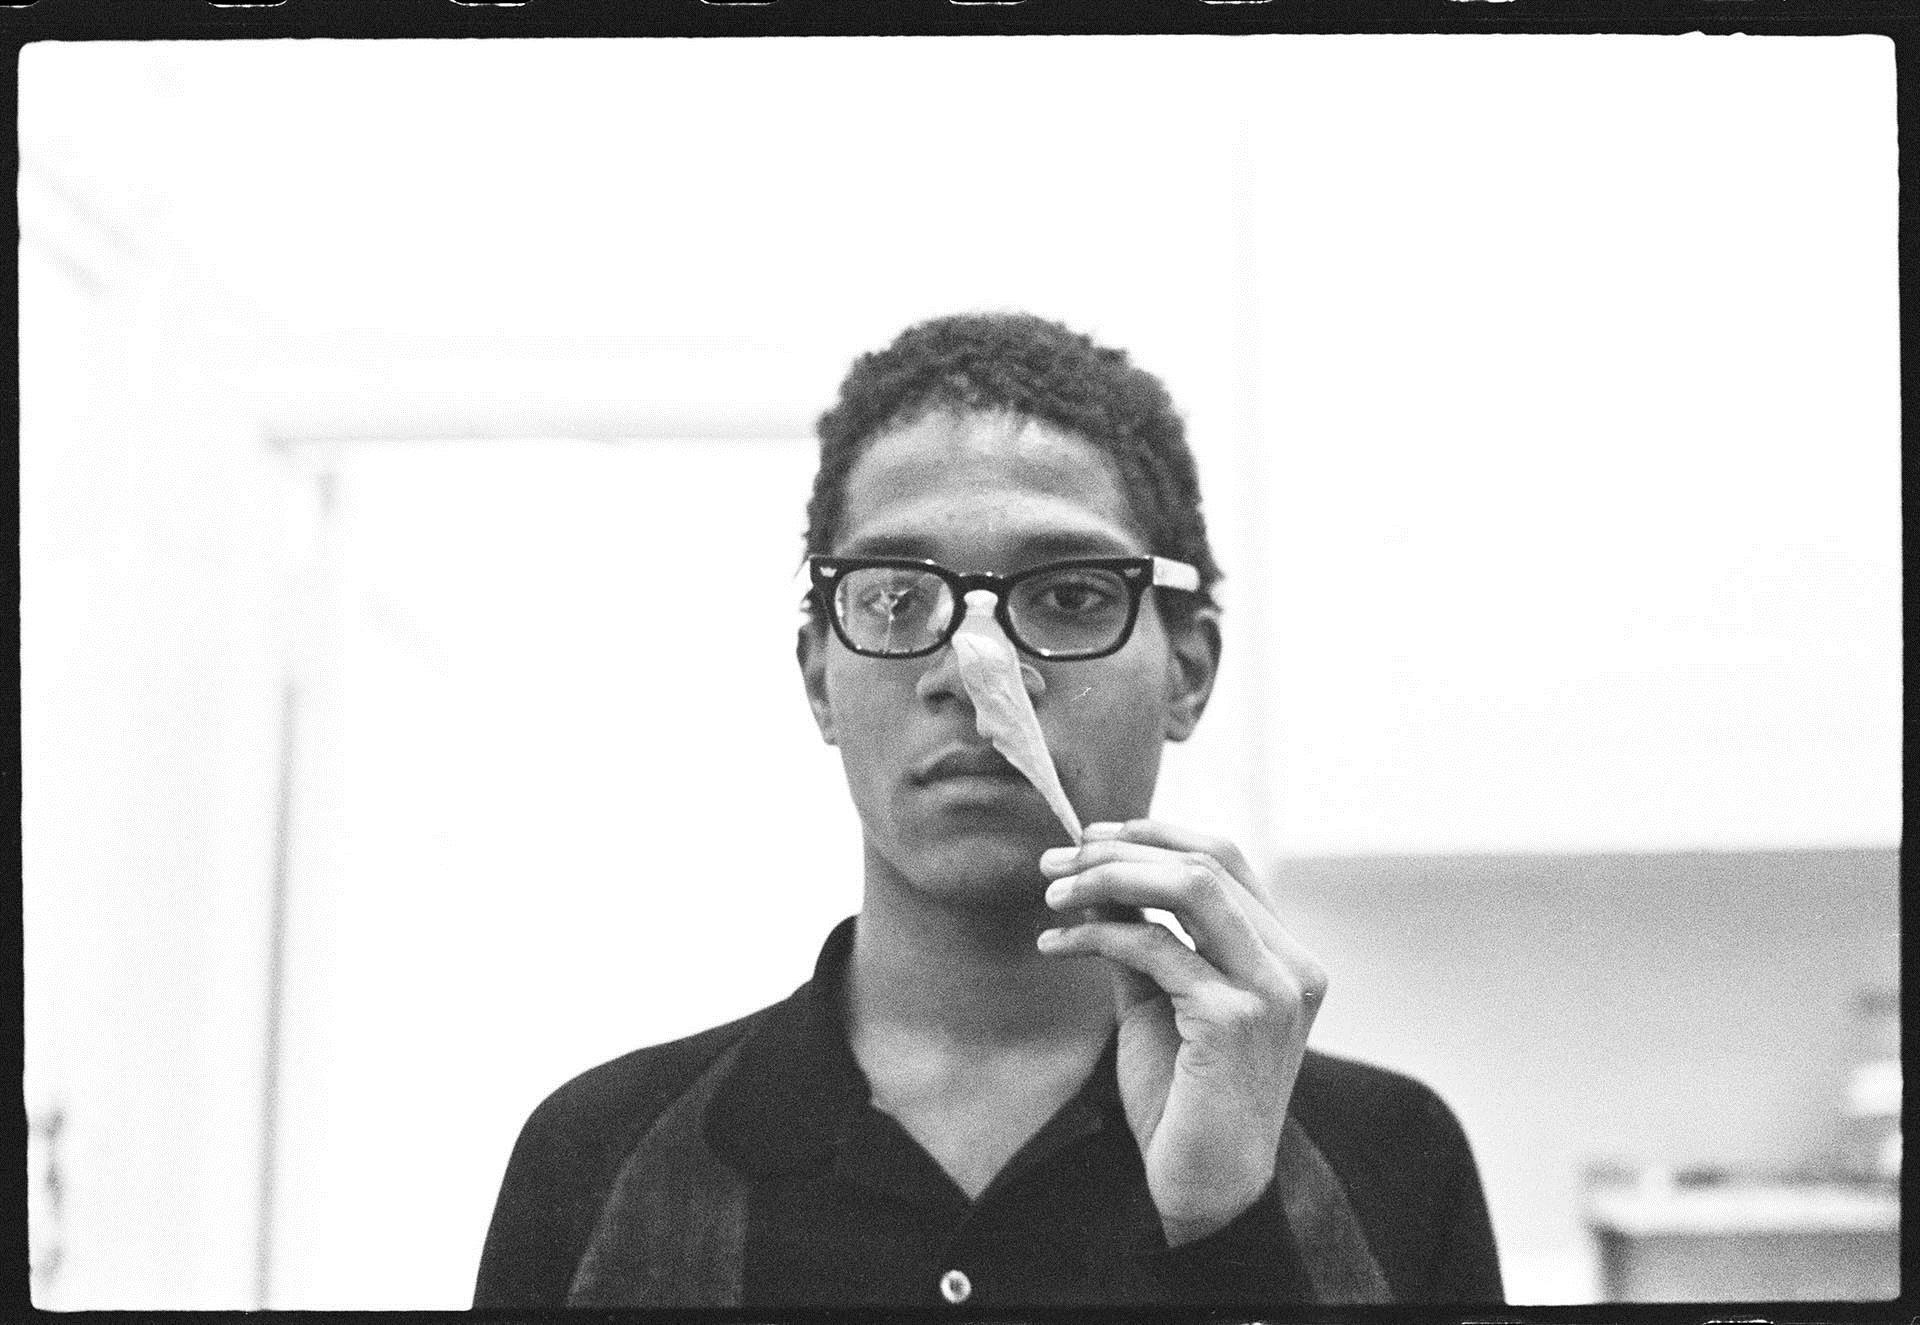 PÚBLICO - Antes de ser Basquiat, ele era tudo o que criava